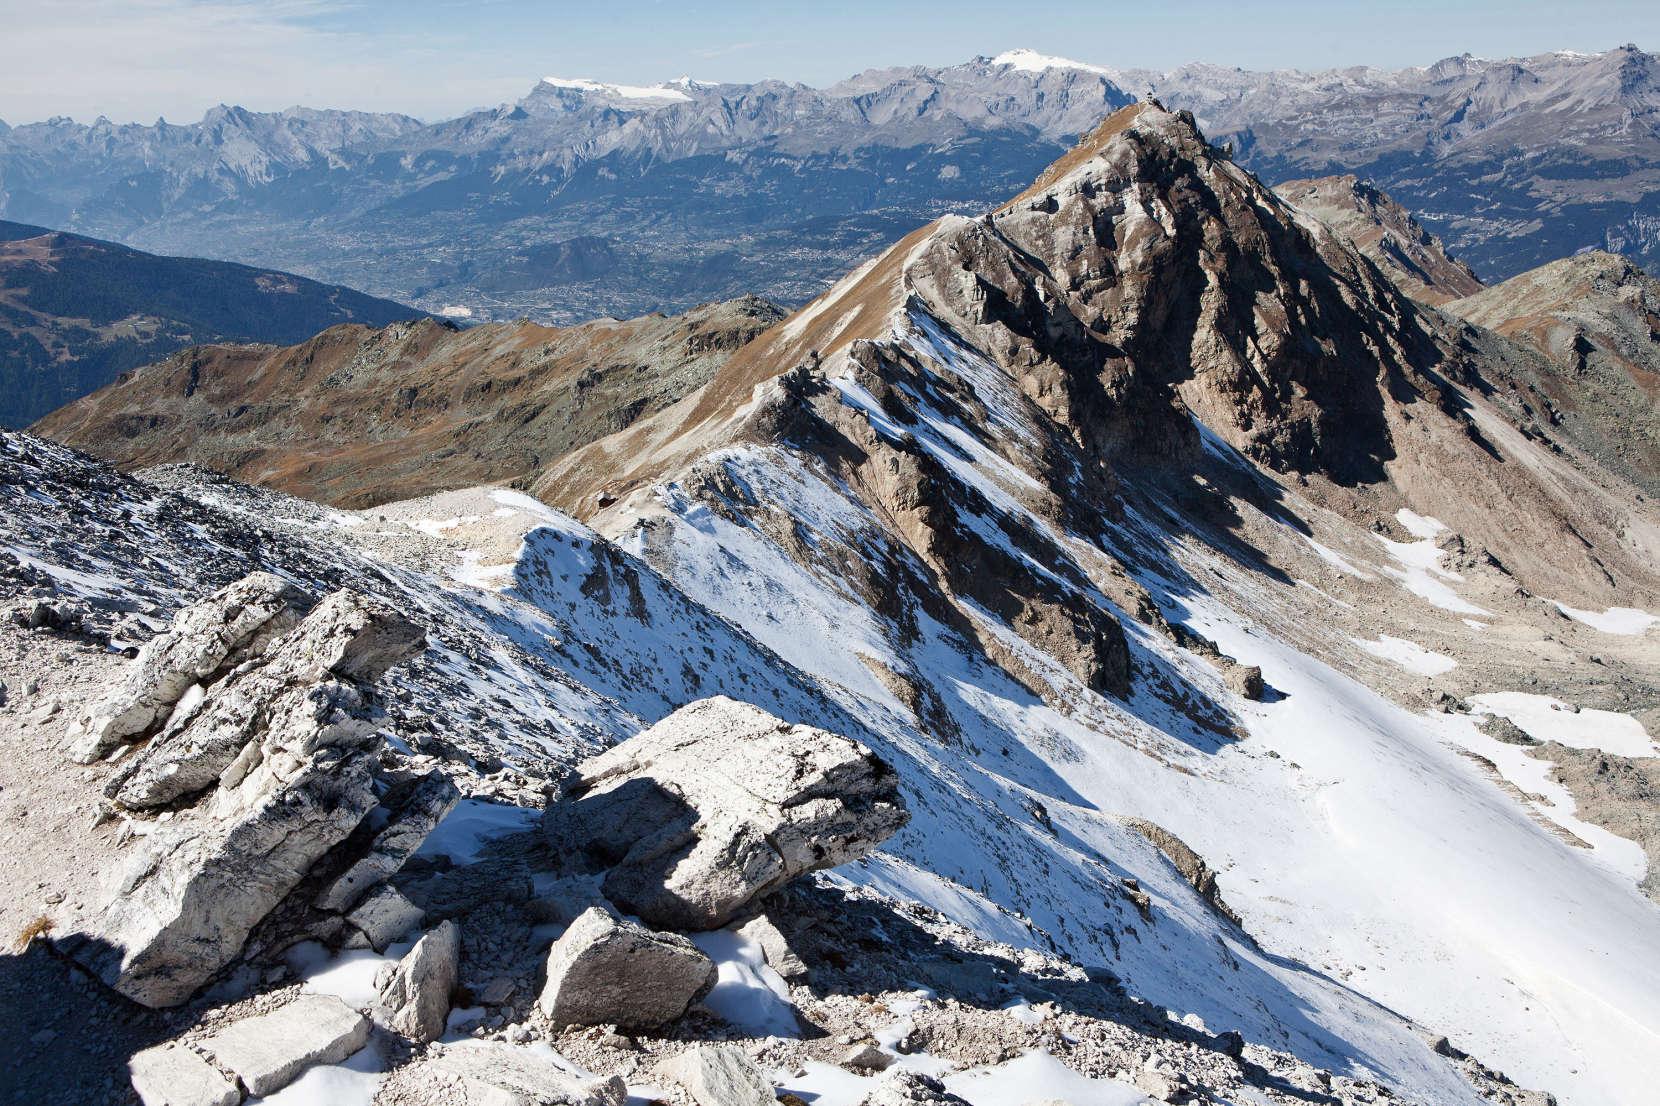 Bella Tola (3025 m) - Blick nach Nordwesten: Sommet des Diablerets; Oldenhorn; Arpelistock; Geltenhorn; Schnidehorn; Wildhorn; Rothorn; Illhorn; Schwarzhorn; Mont Bonvin